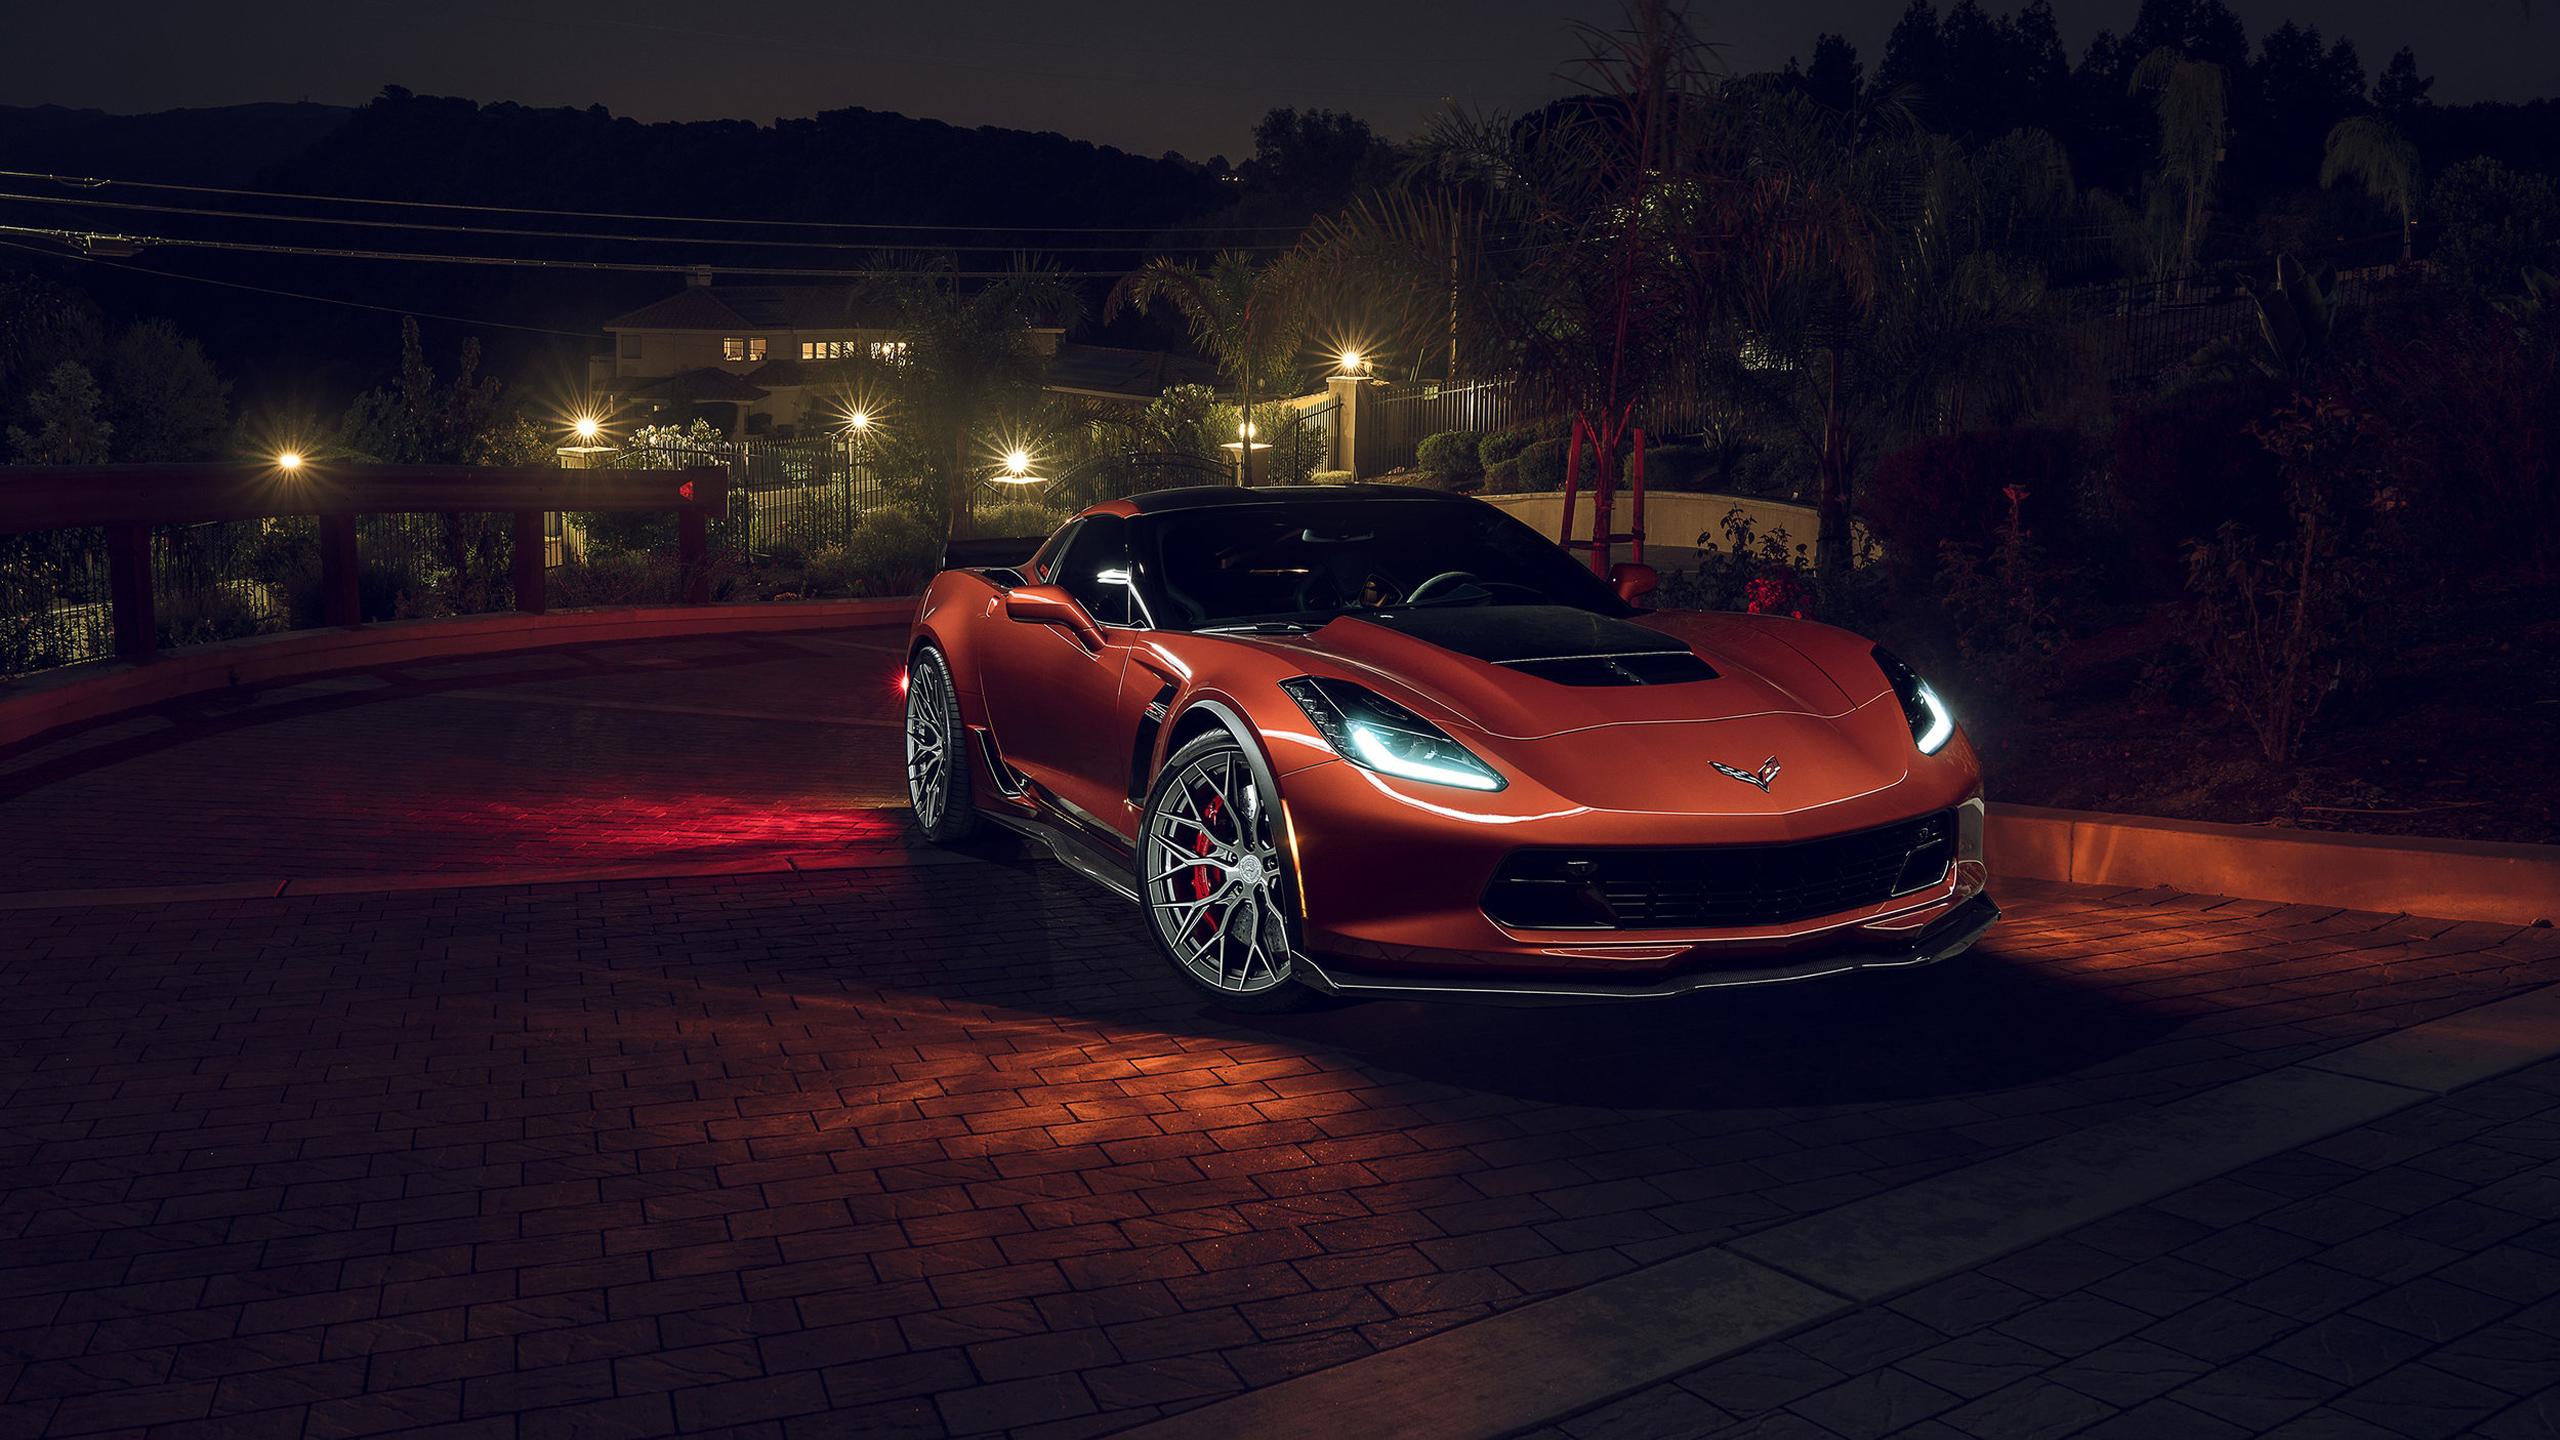 2018 chevrolet corvette z06 wallpaper hd car wallpapers for Wallpaper home 2018